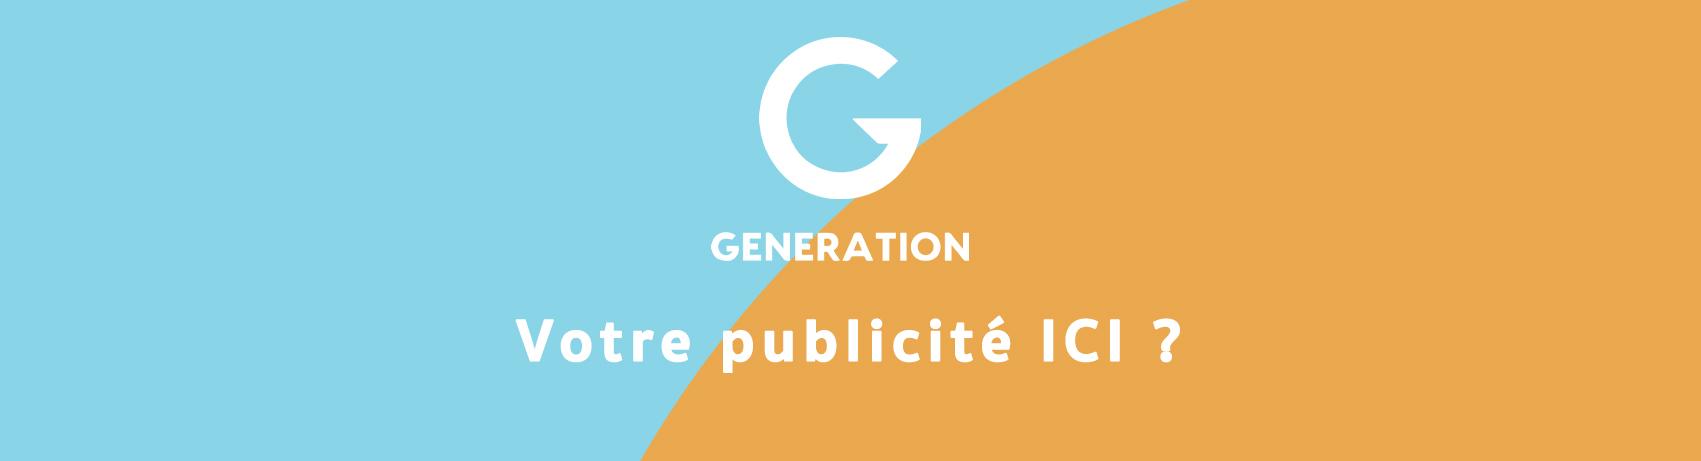 Votre publicité ICI